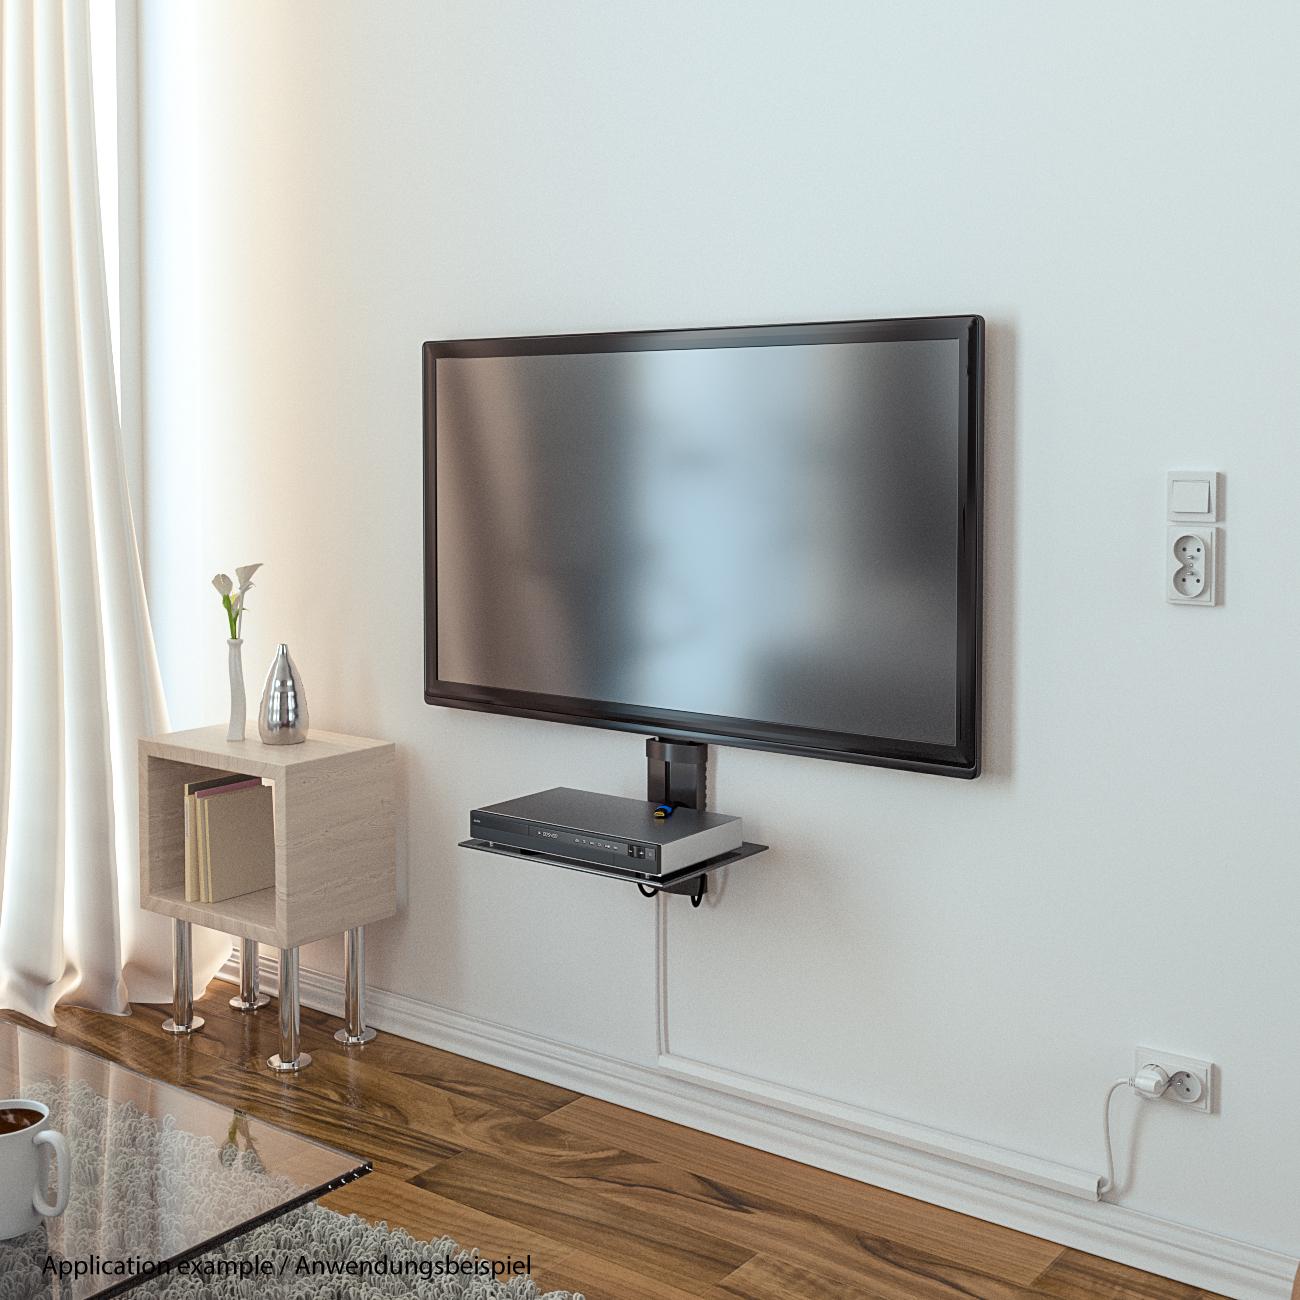 deleycon universal multimedia wandregal glasregal deleycon deleycon. Black Bedroom Furniture Sets. Home Design Ideas